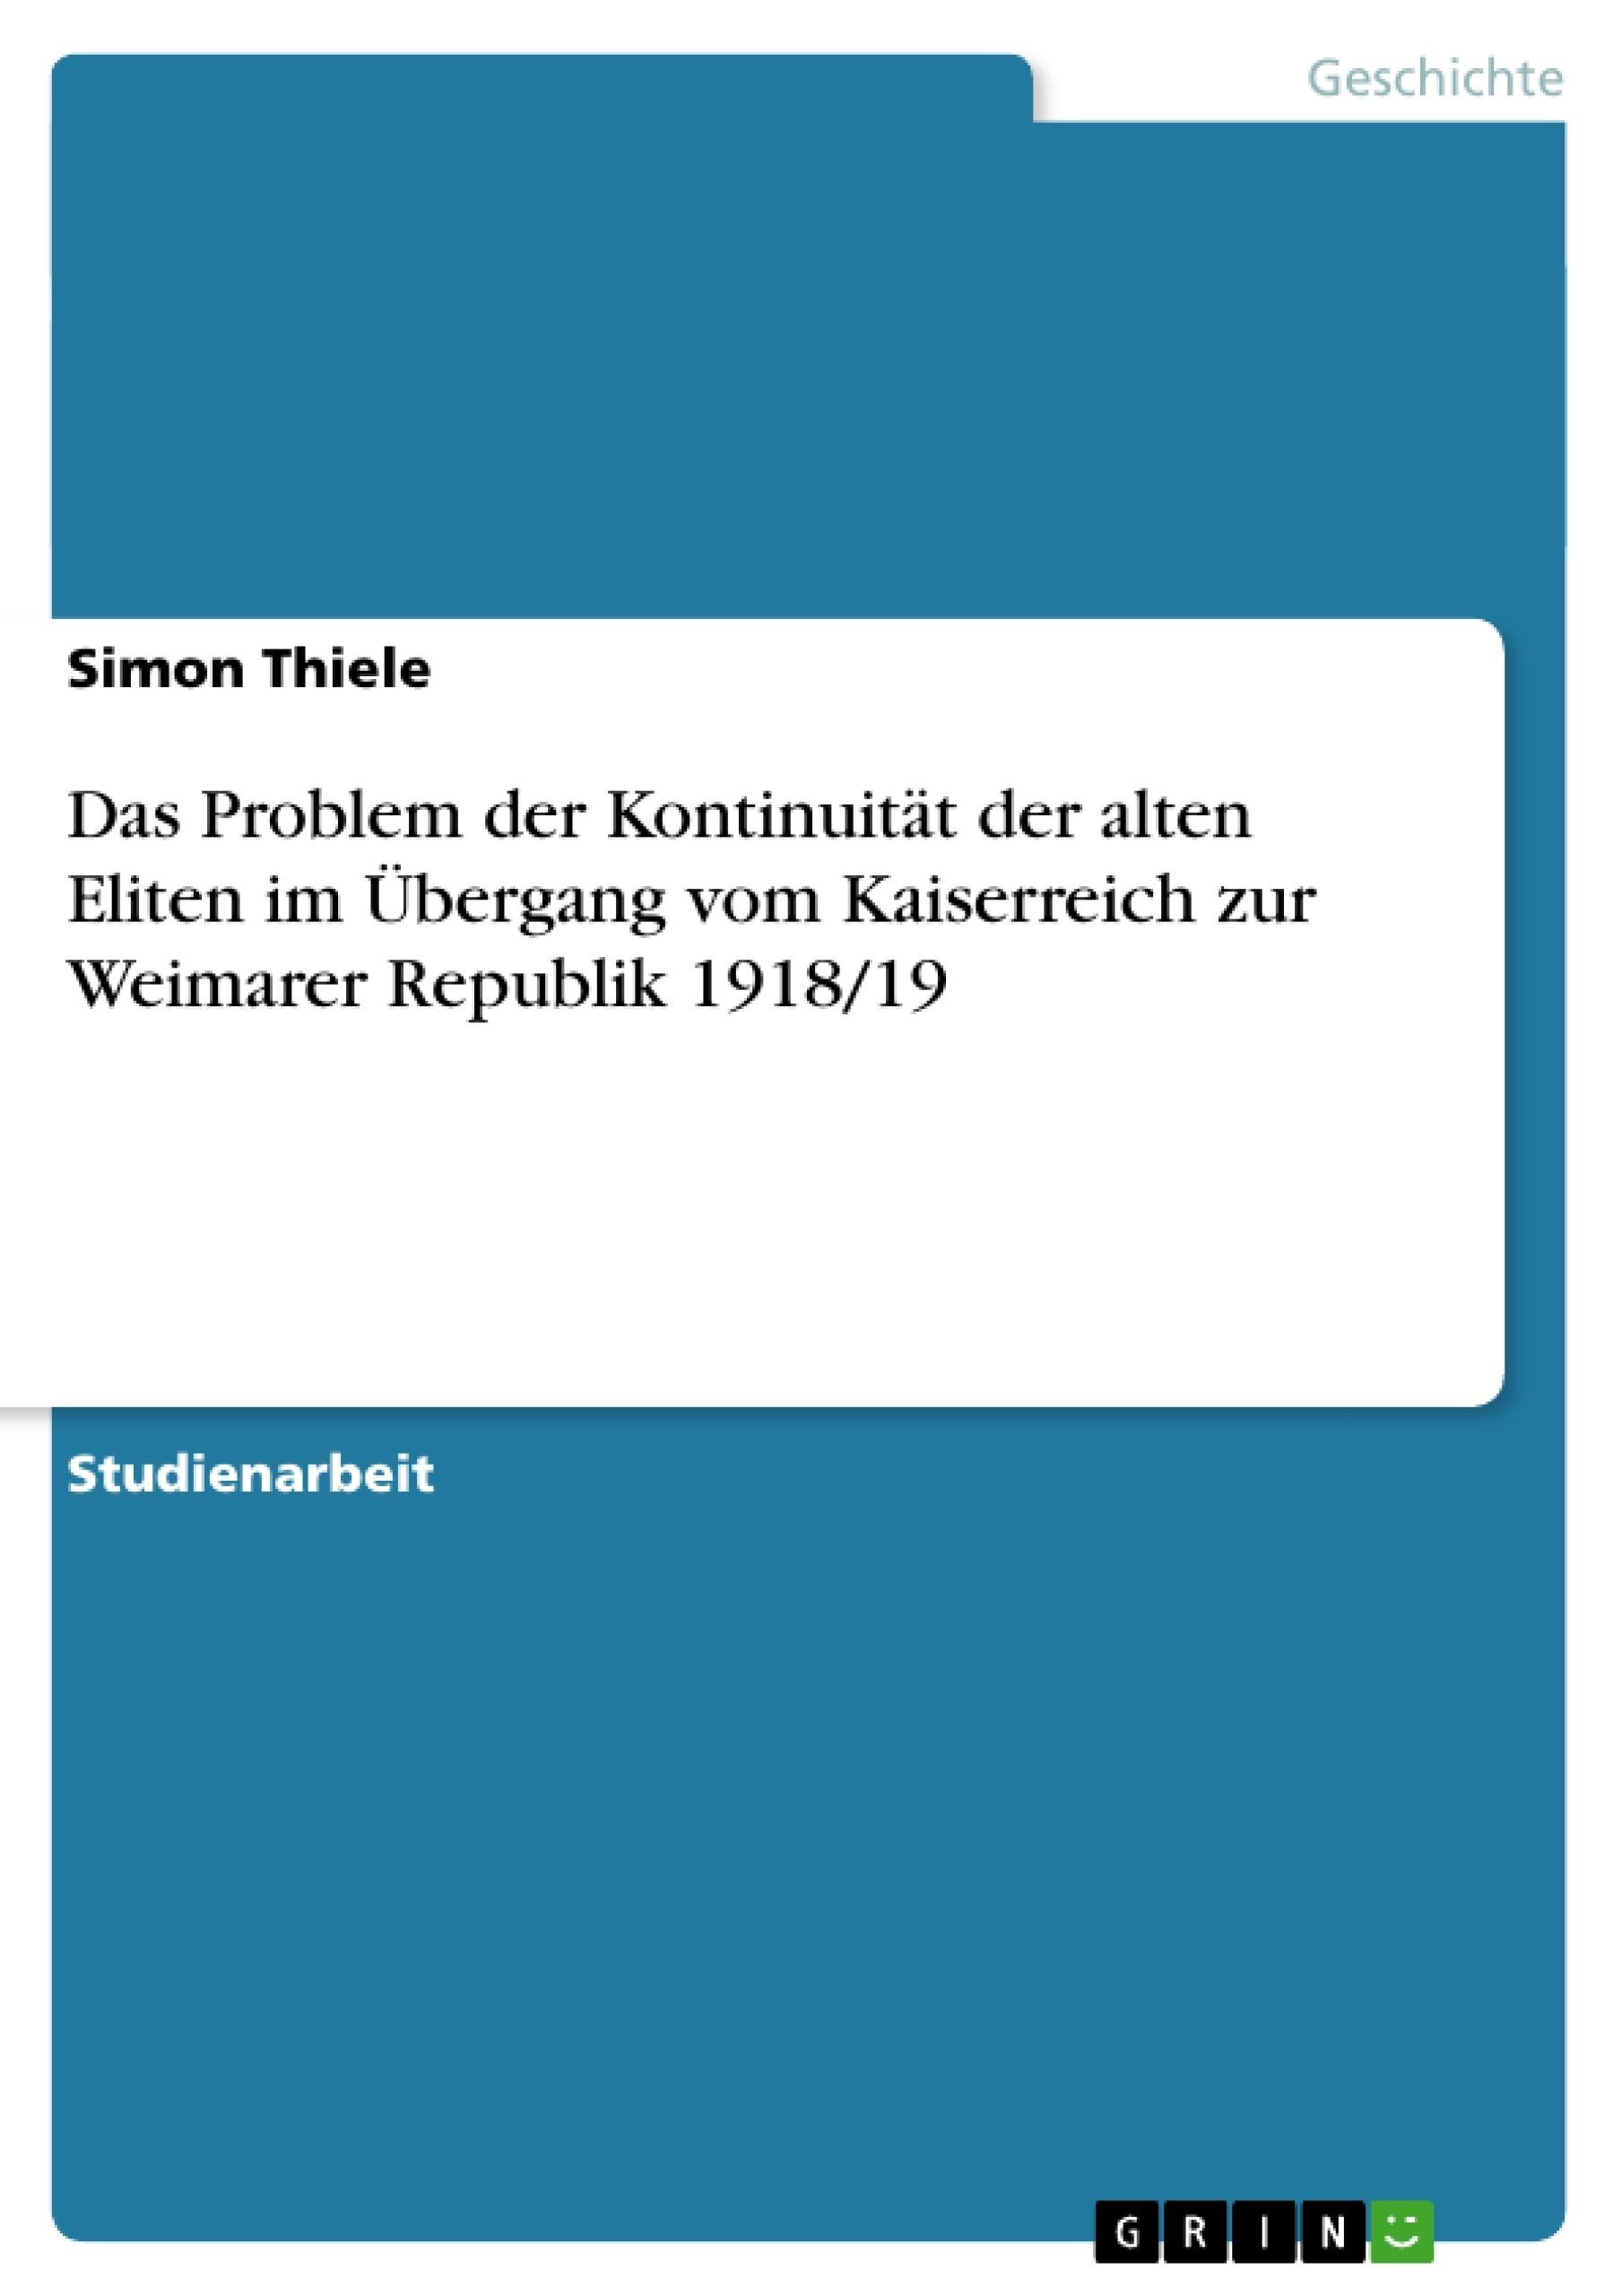 Titel: Das Problem der Kontinuität der alten Eliten im Übergang vom Kaiserreich zur Weimarer Republik 1918/19